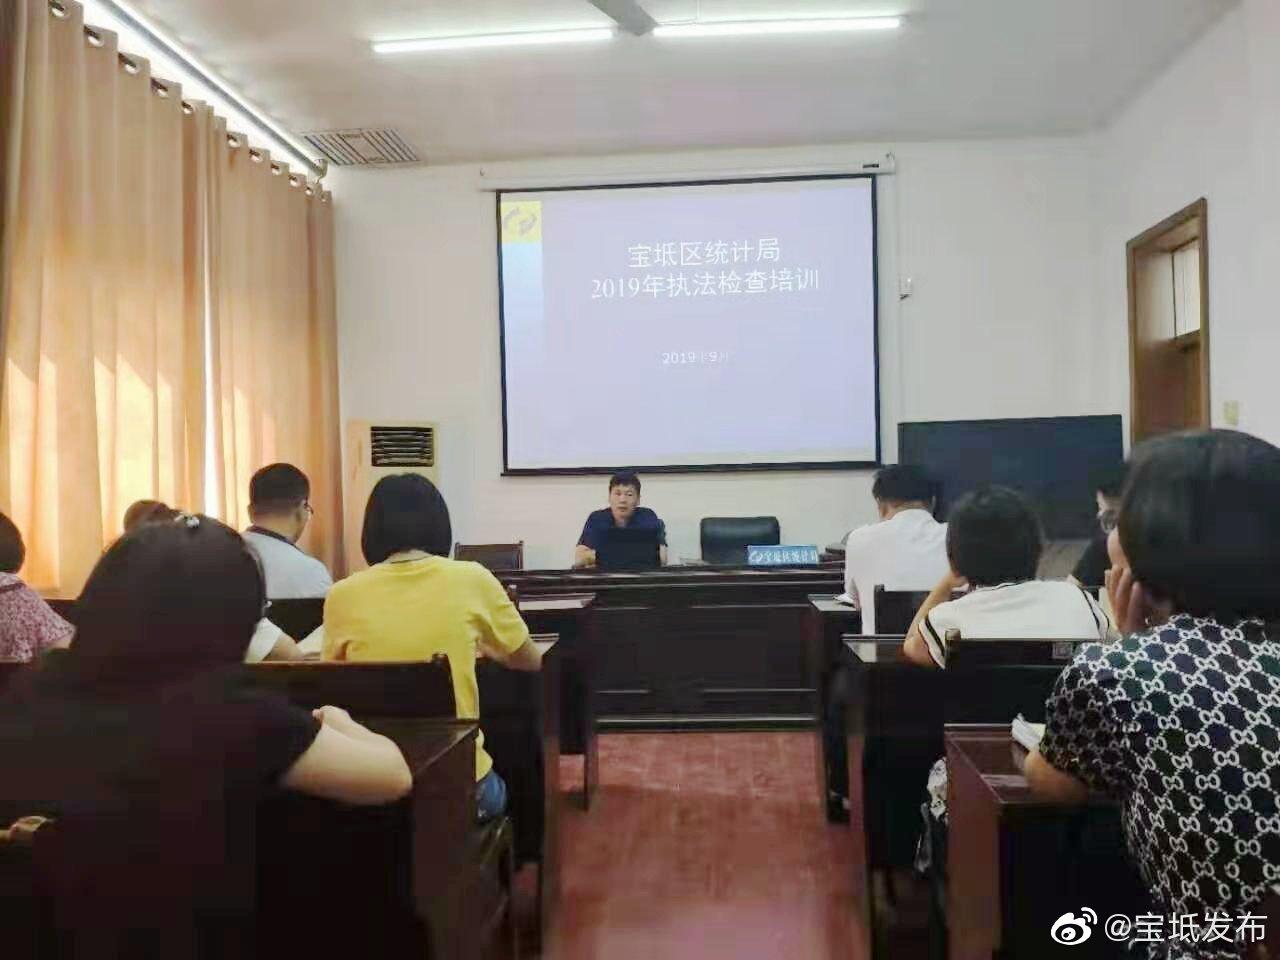 宝坻区统计局召开2019年统计执法检查培训会